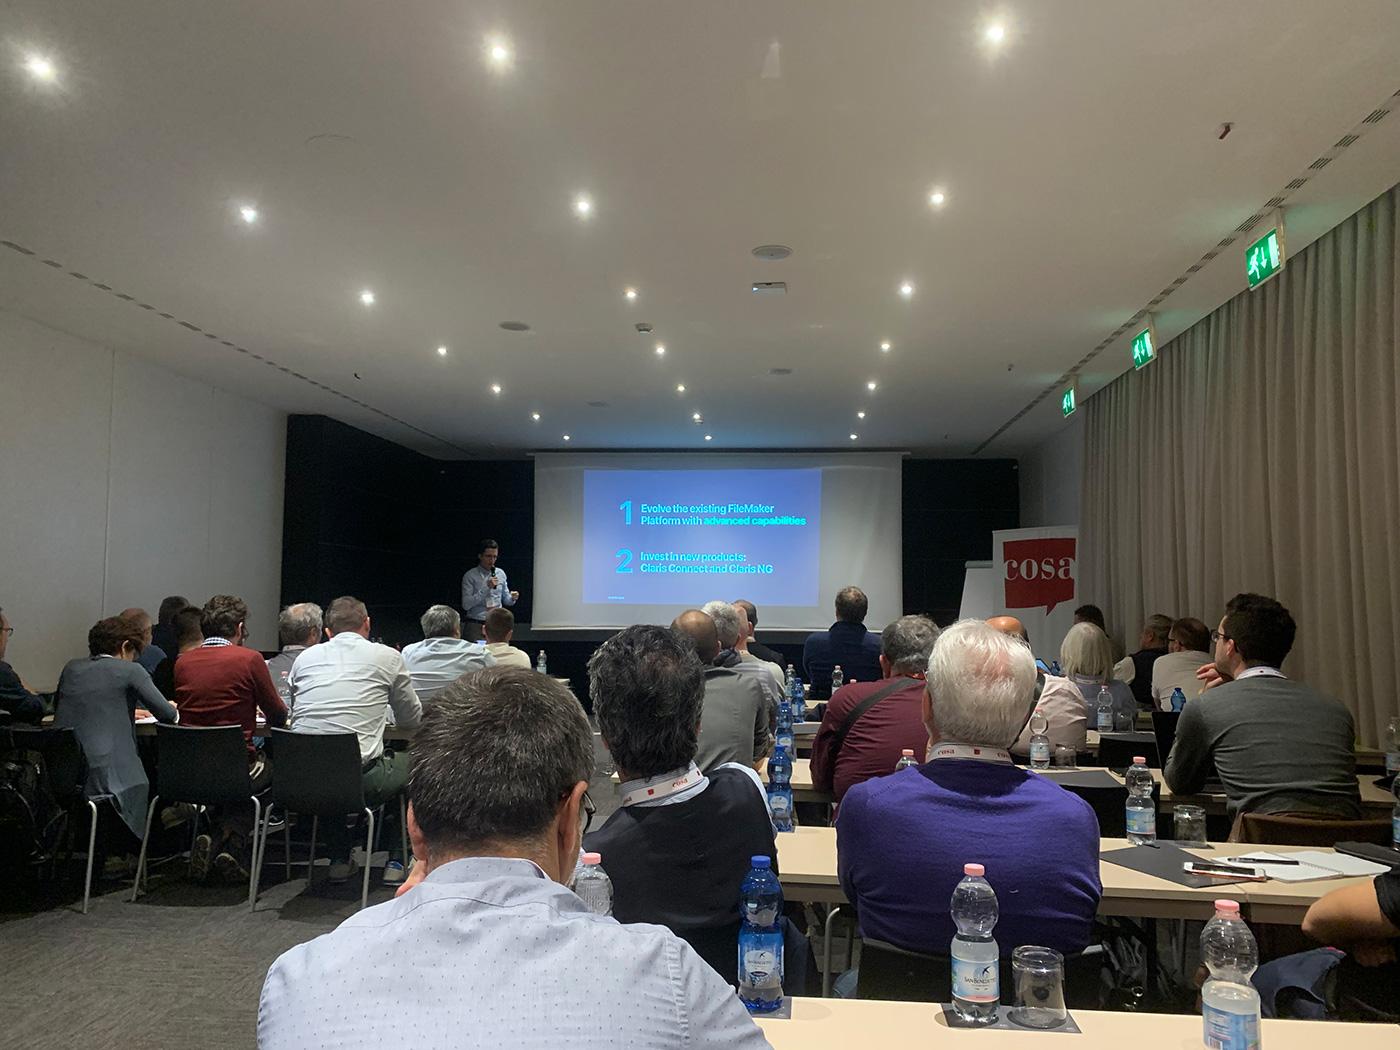 Devcon 2019 - conferenza